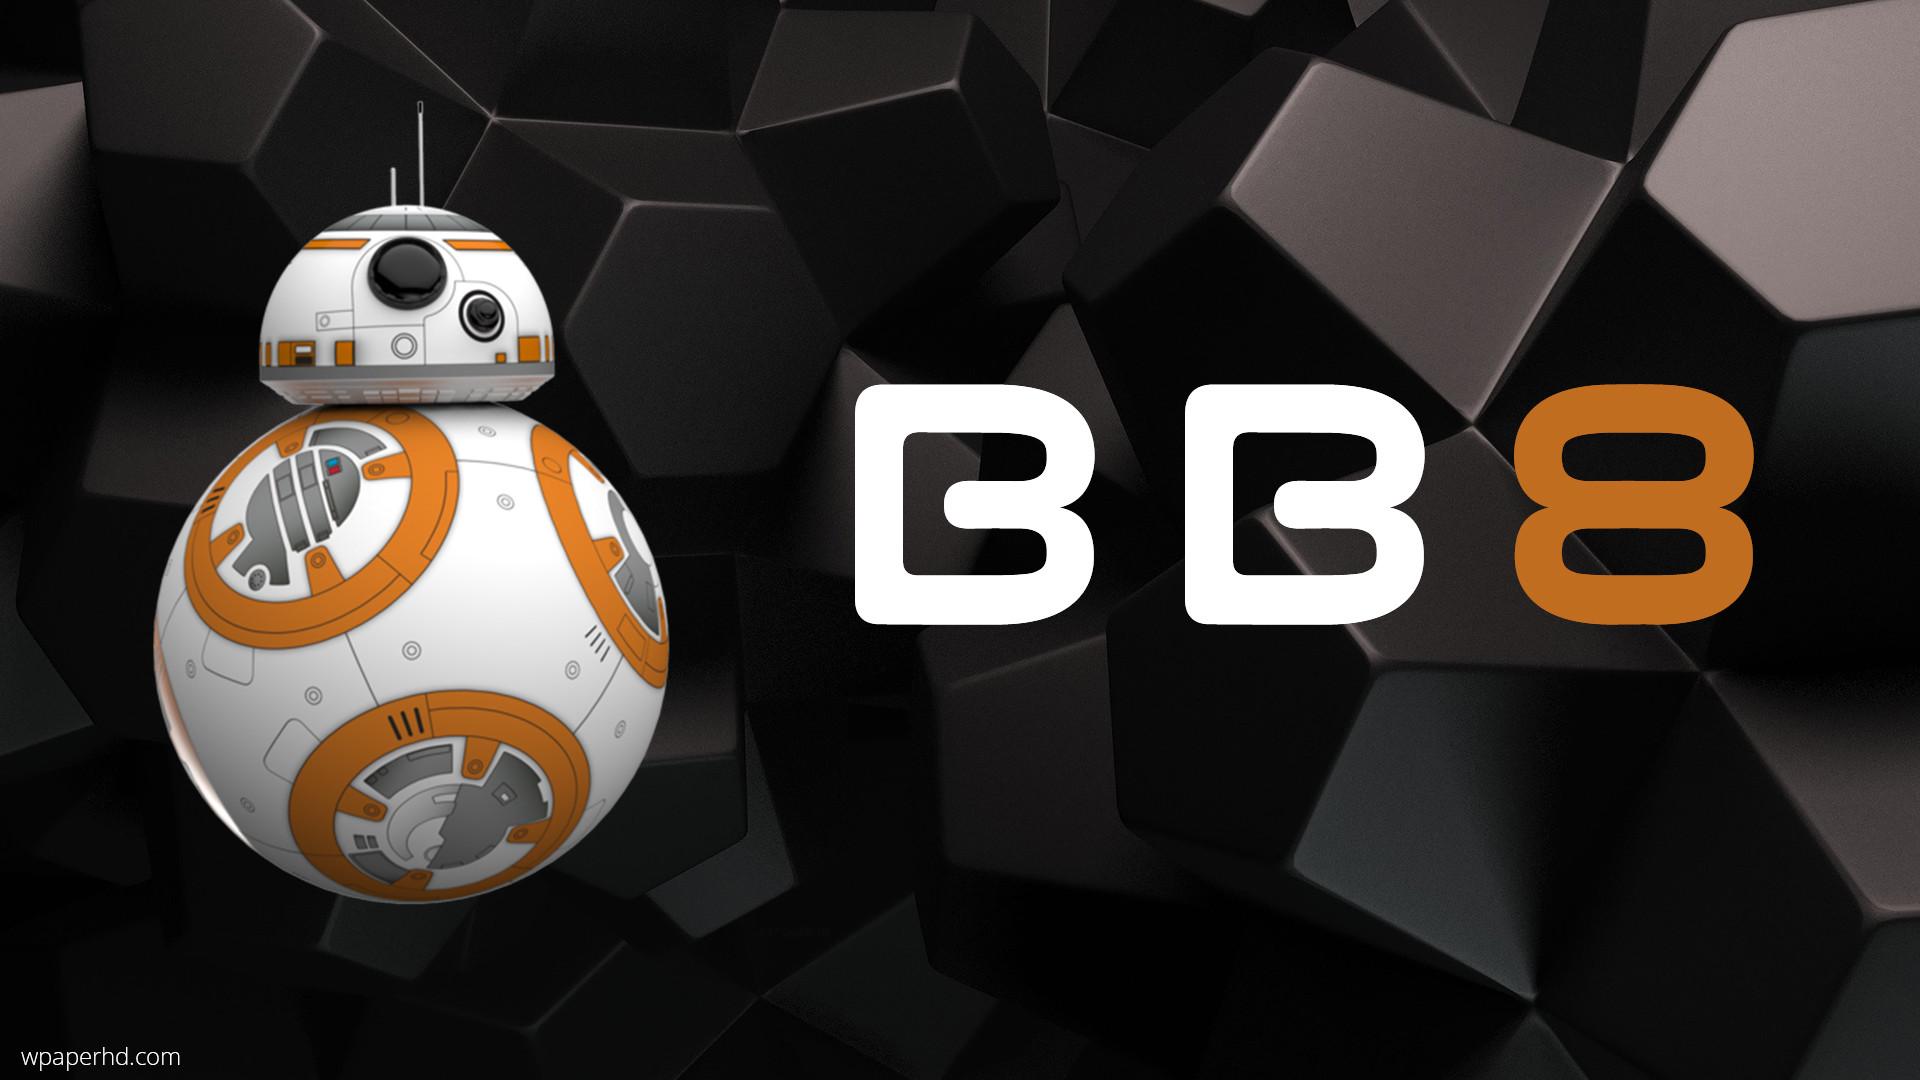 Star Wars BB8 wallpaper HD. Free desktop background 2016 in category .